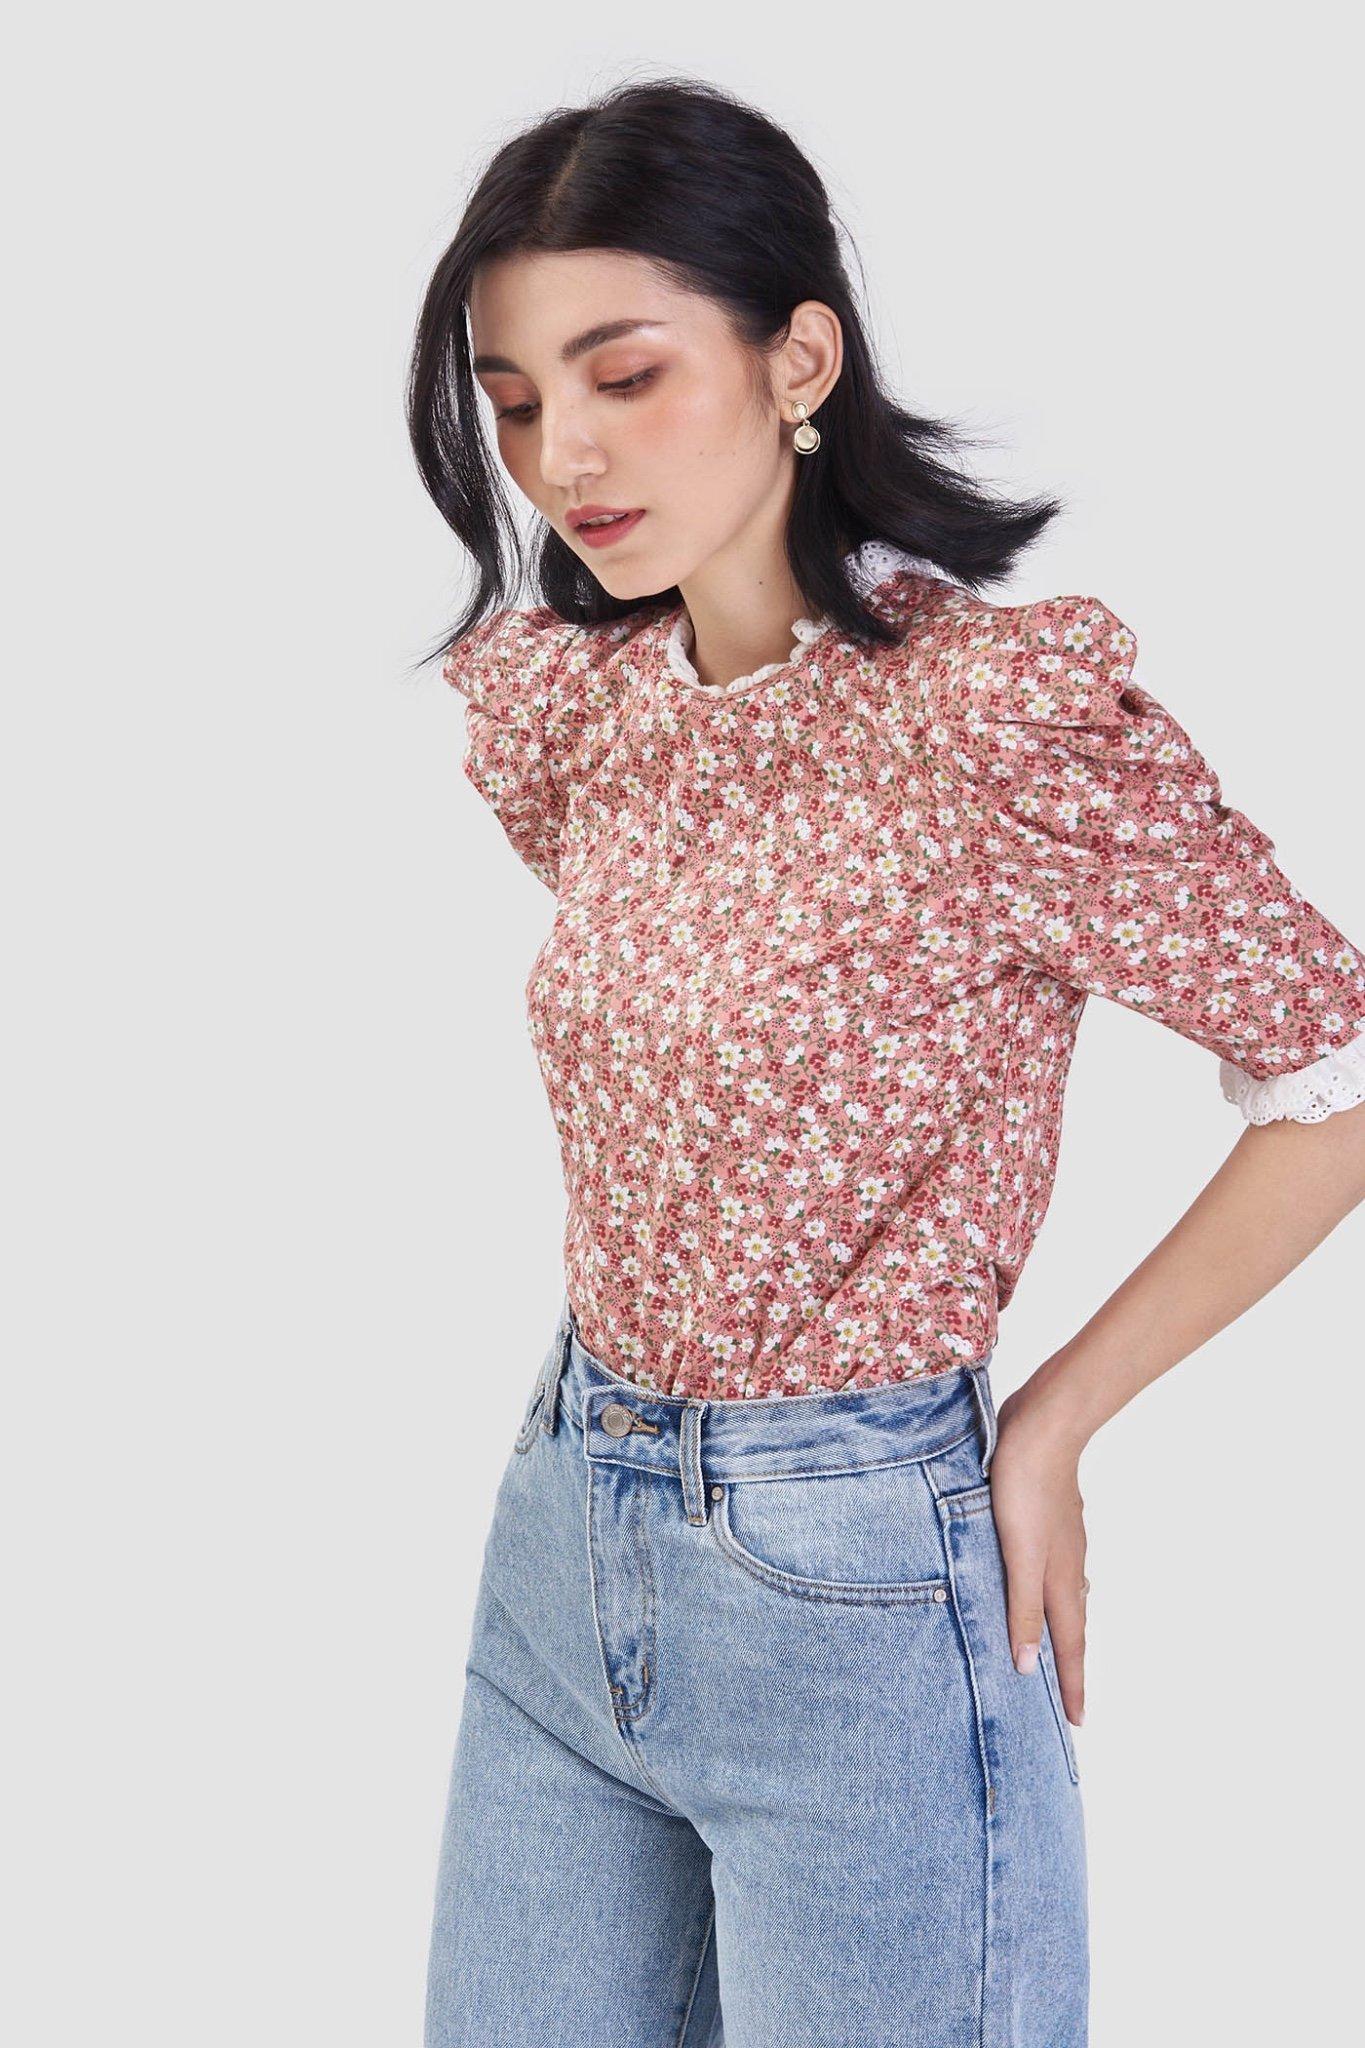 Áo kiểu họa tiết hoa viền ren cổ và tay